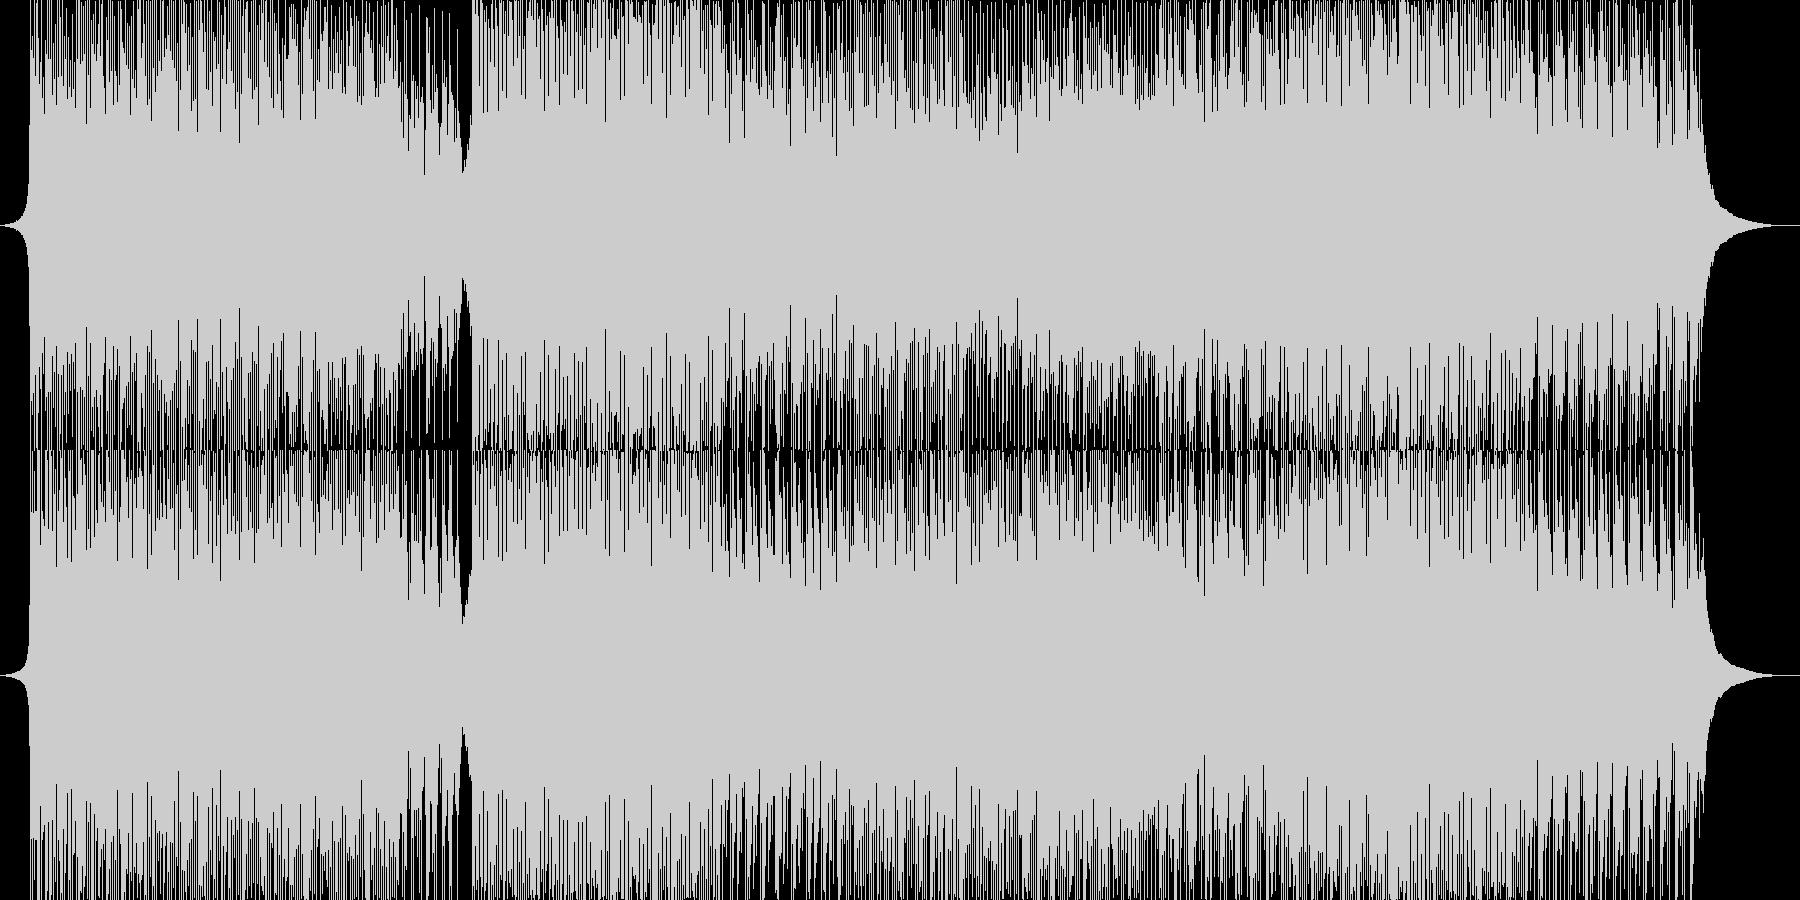 白樺の森-オーガニック-PV-おしゃれの未再生の波形